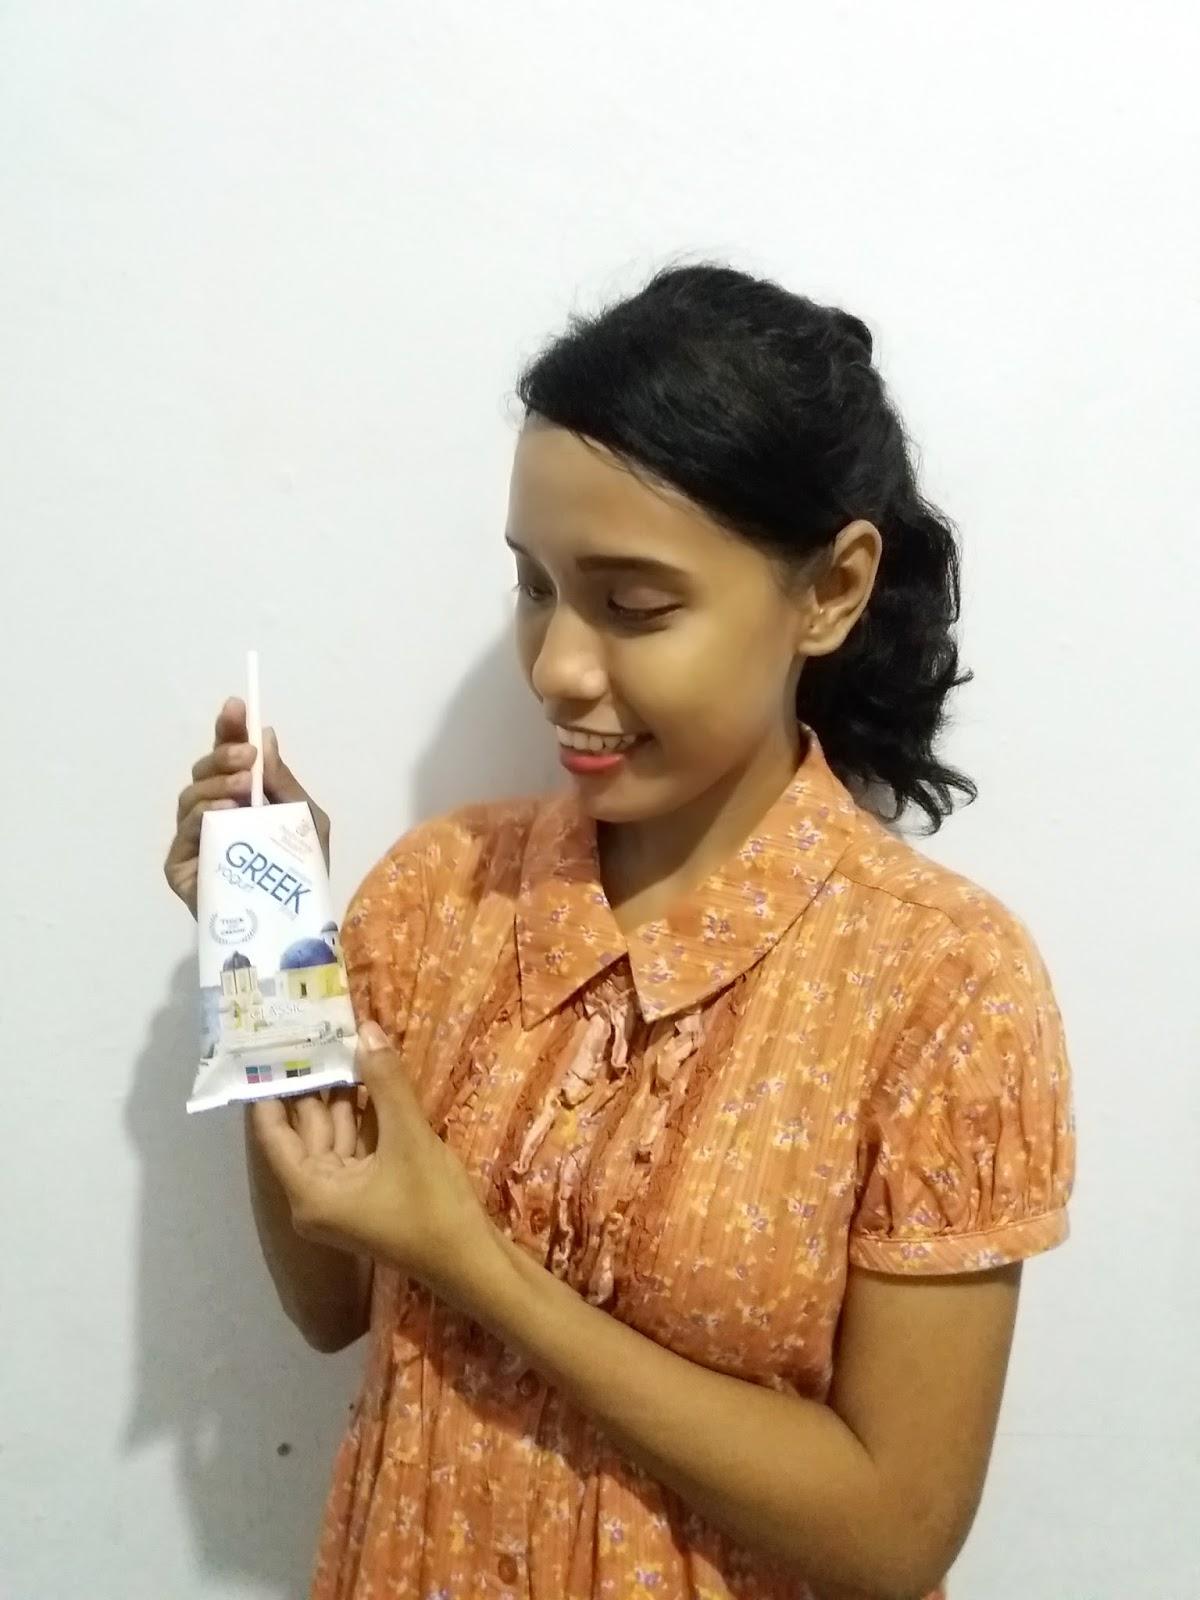 Cara Minum Yoghurt Yang Benar : minum, yoghurt, benar, Rahasia, Sehatku, Dengan, Yoghurt, Yunani